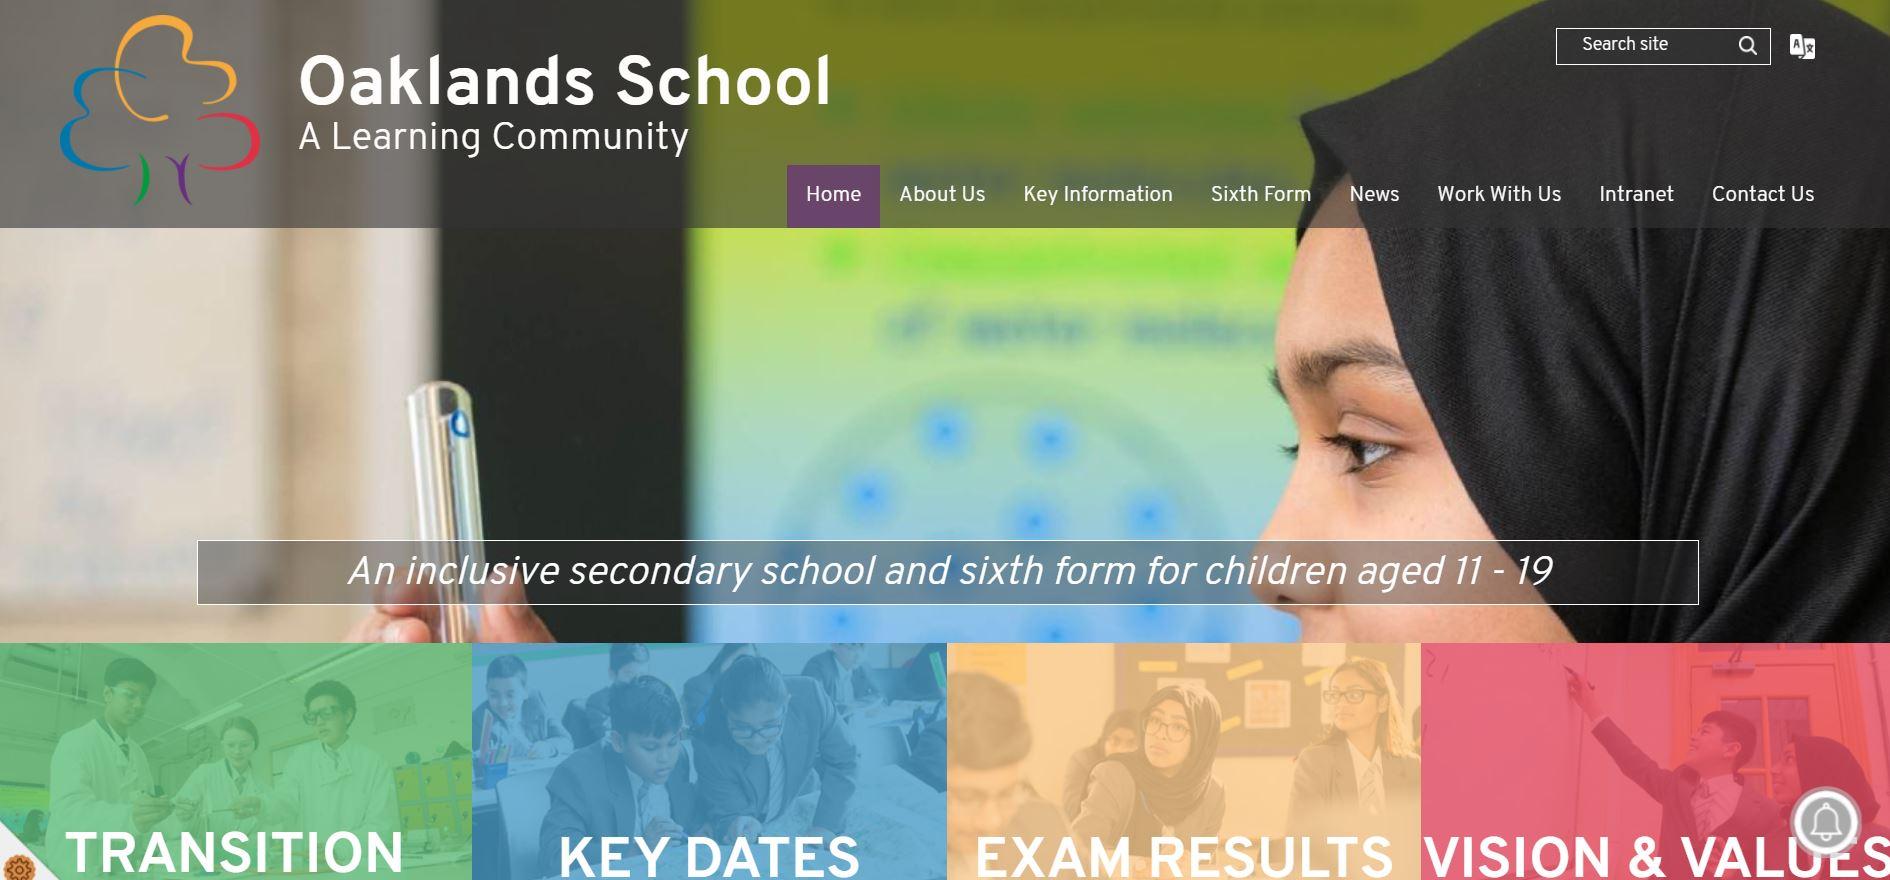 Oaklands School